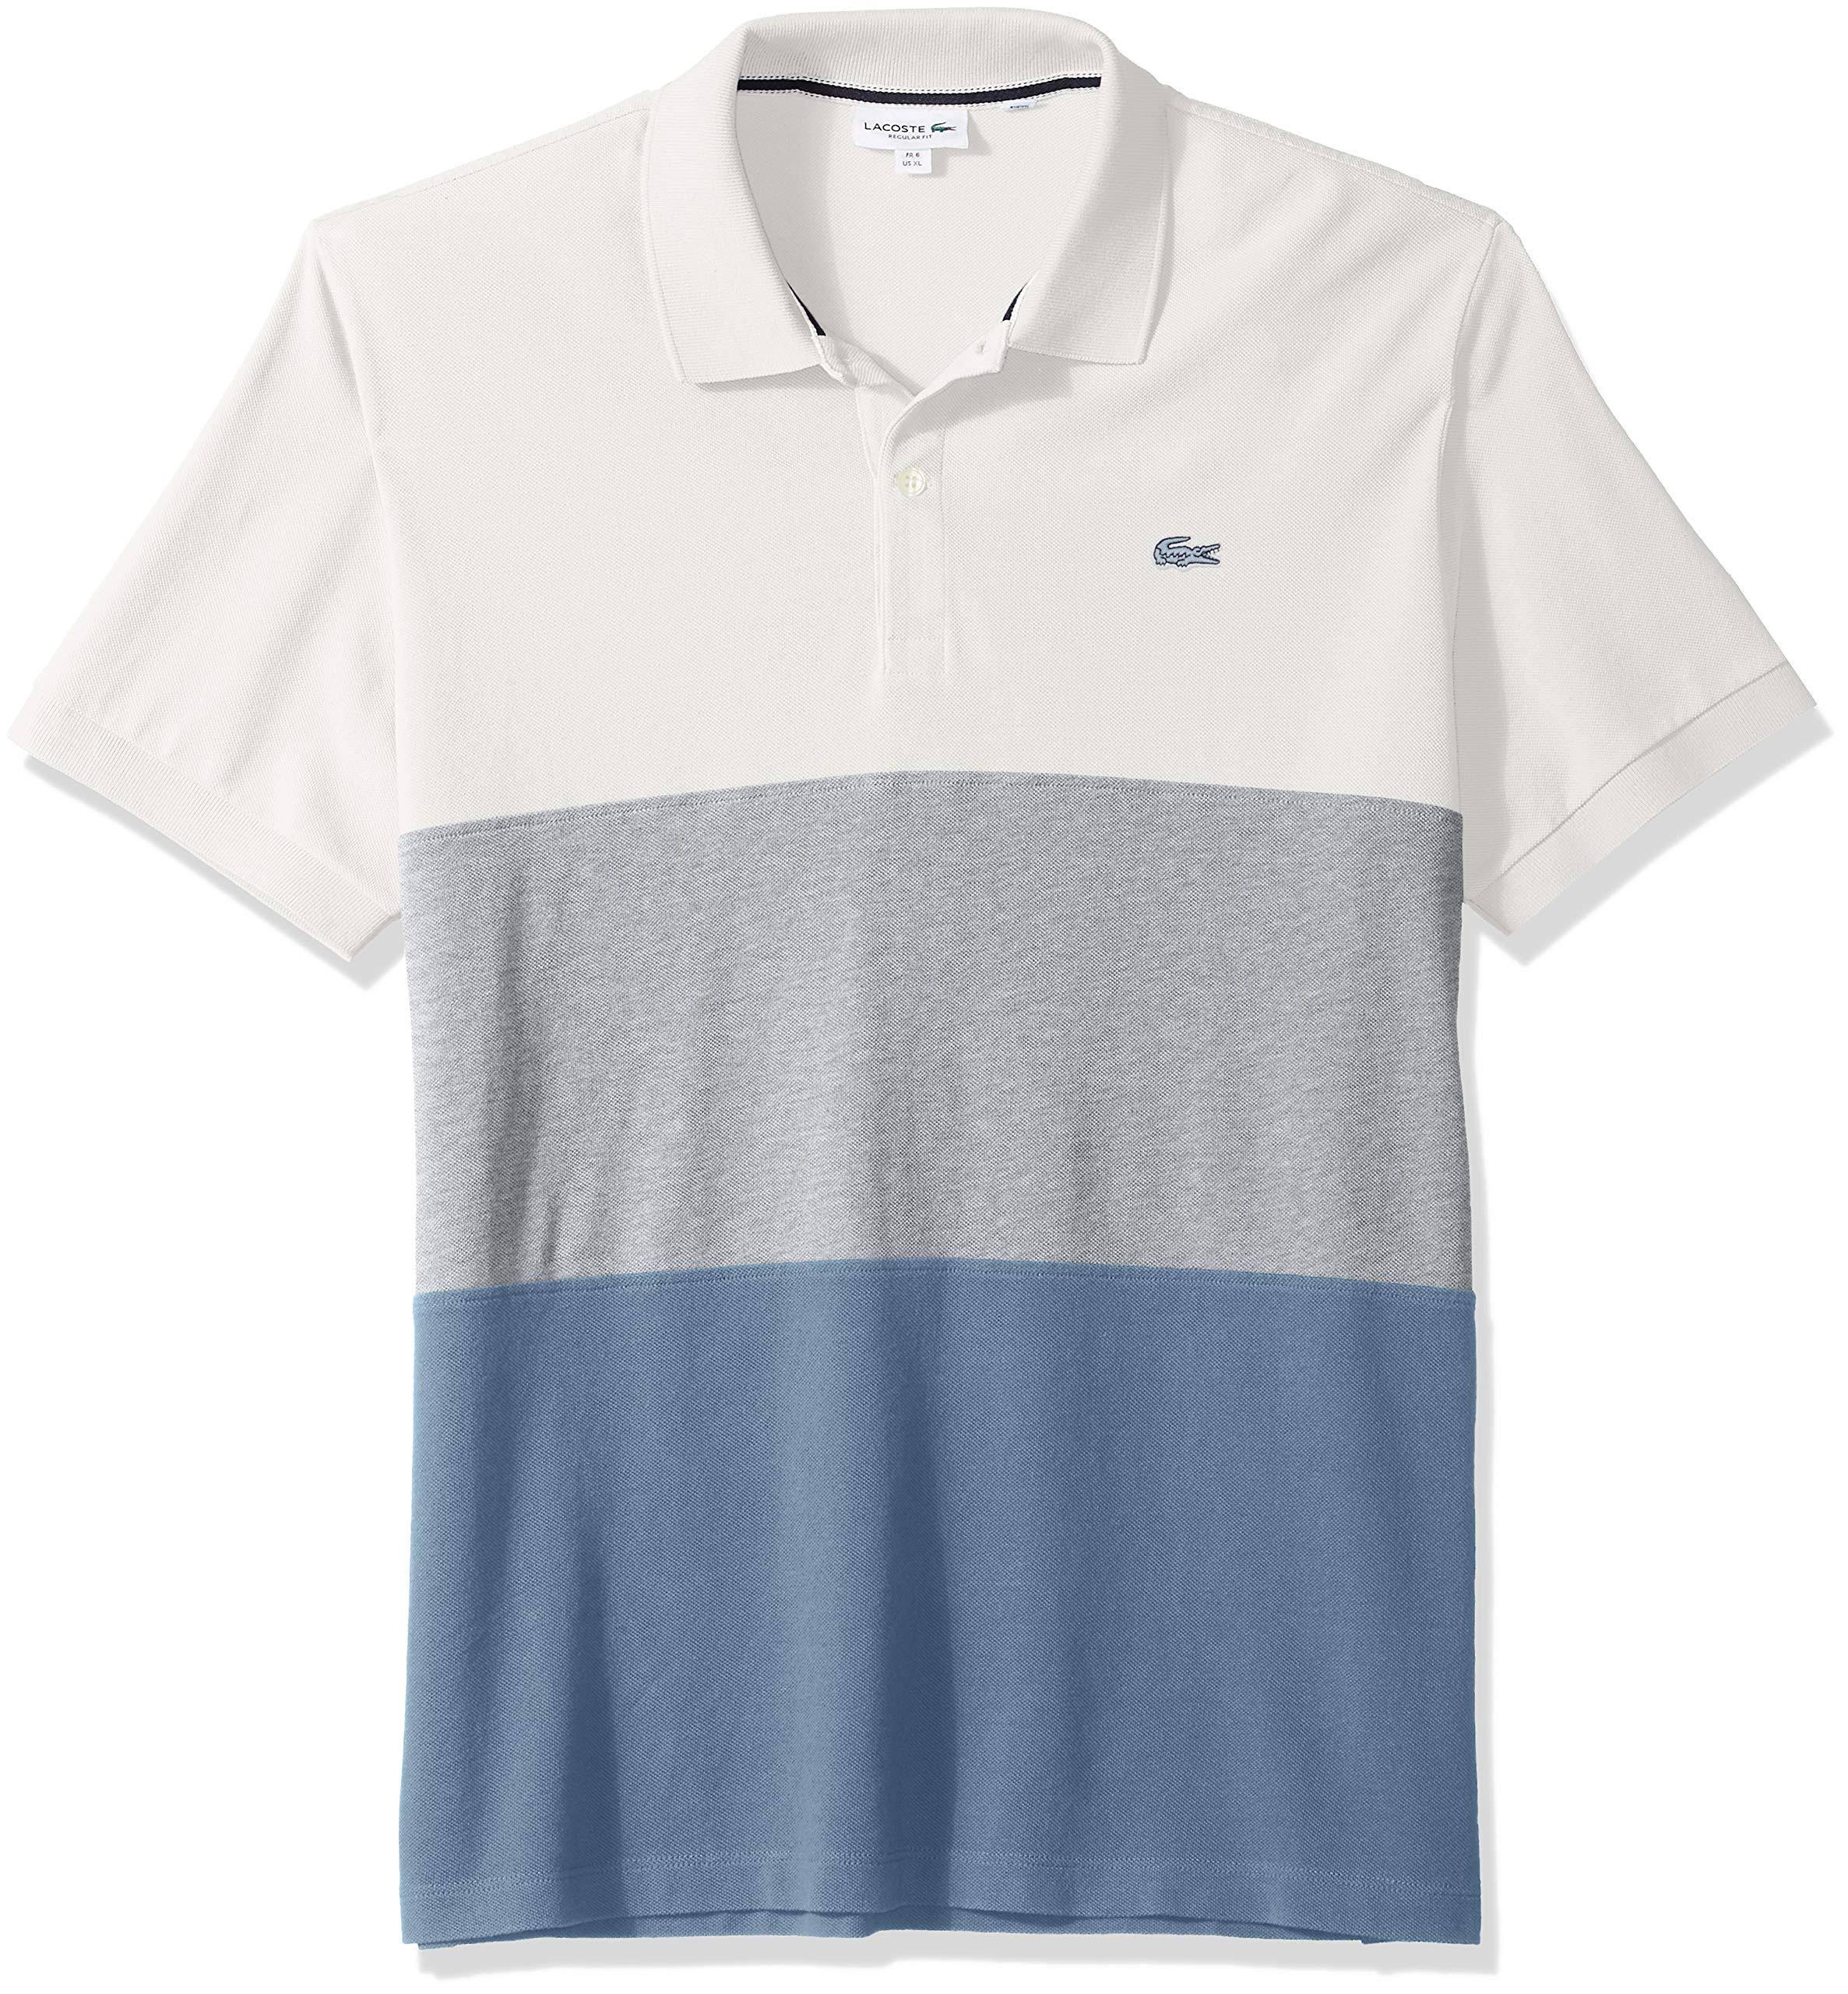 Blanco Petit Para Hombre Lotste Colorblock Fit Regular Piqué Polo Twp8q